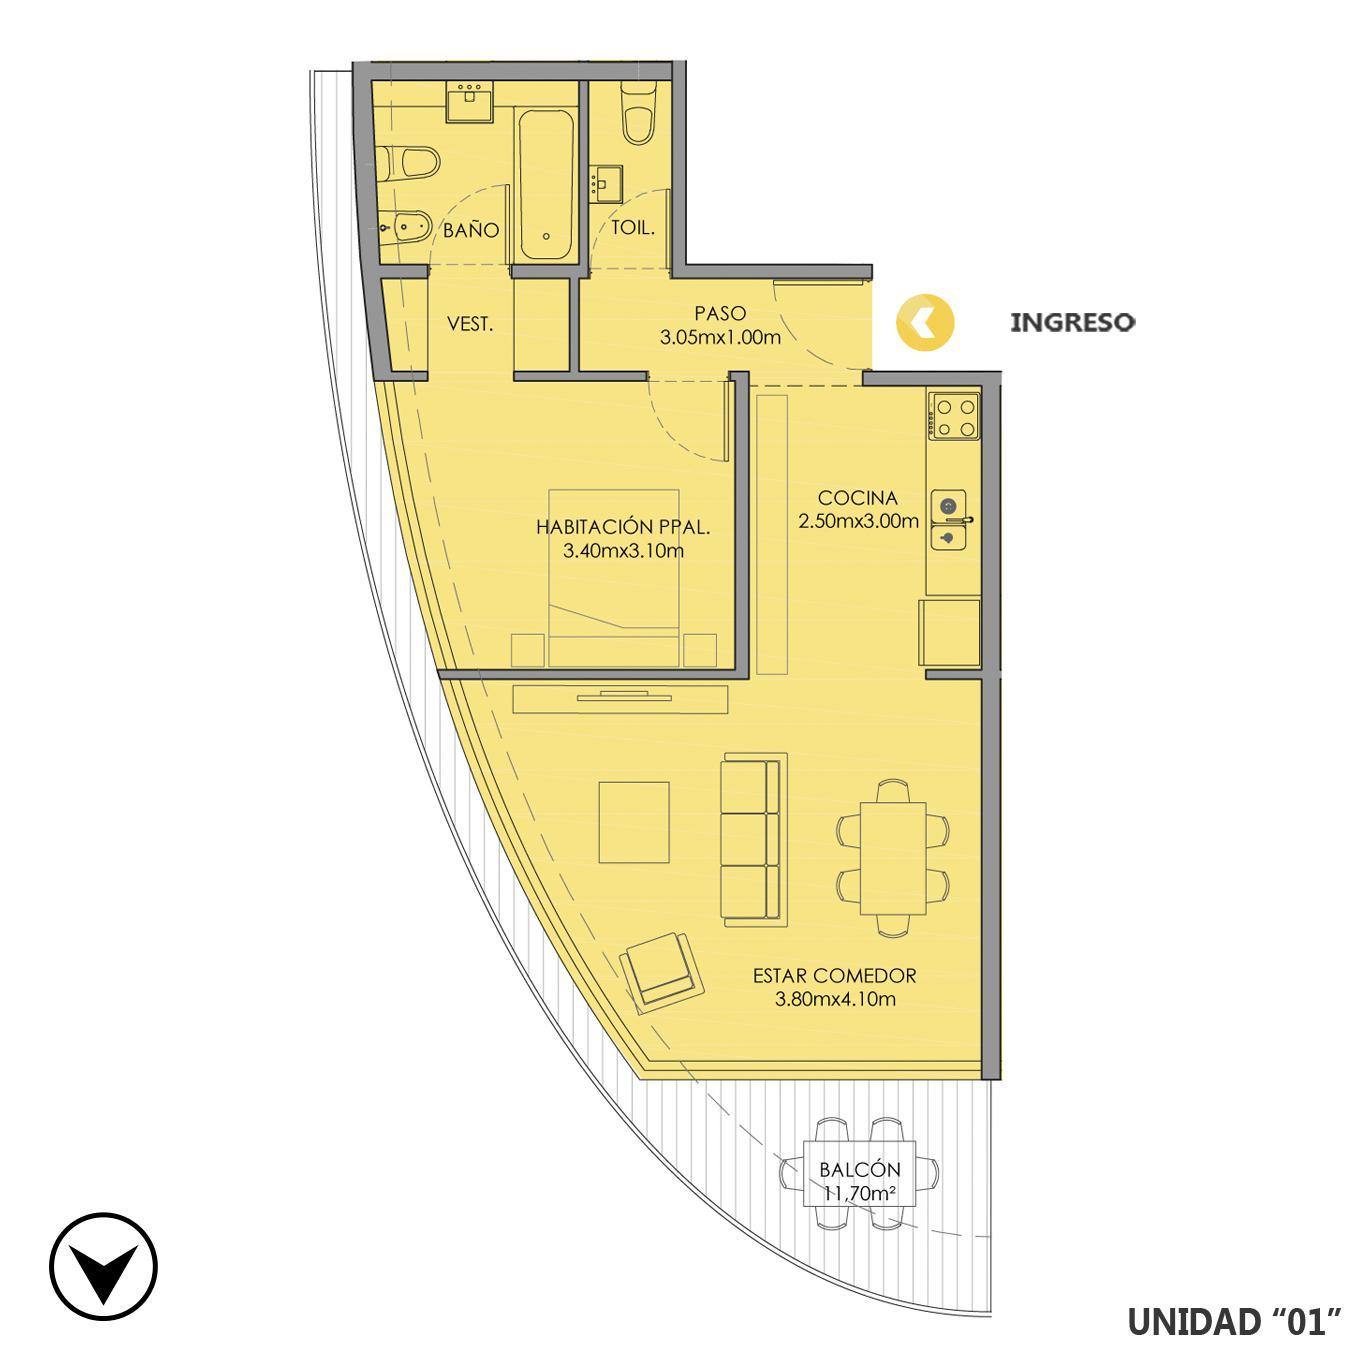 Venta departamento 1 dormitorio Rosario, Centro. Cod CBU23680 AP2227382. Crestale Propiedades